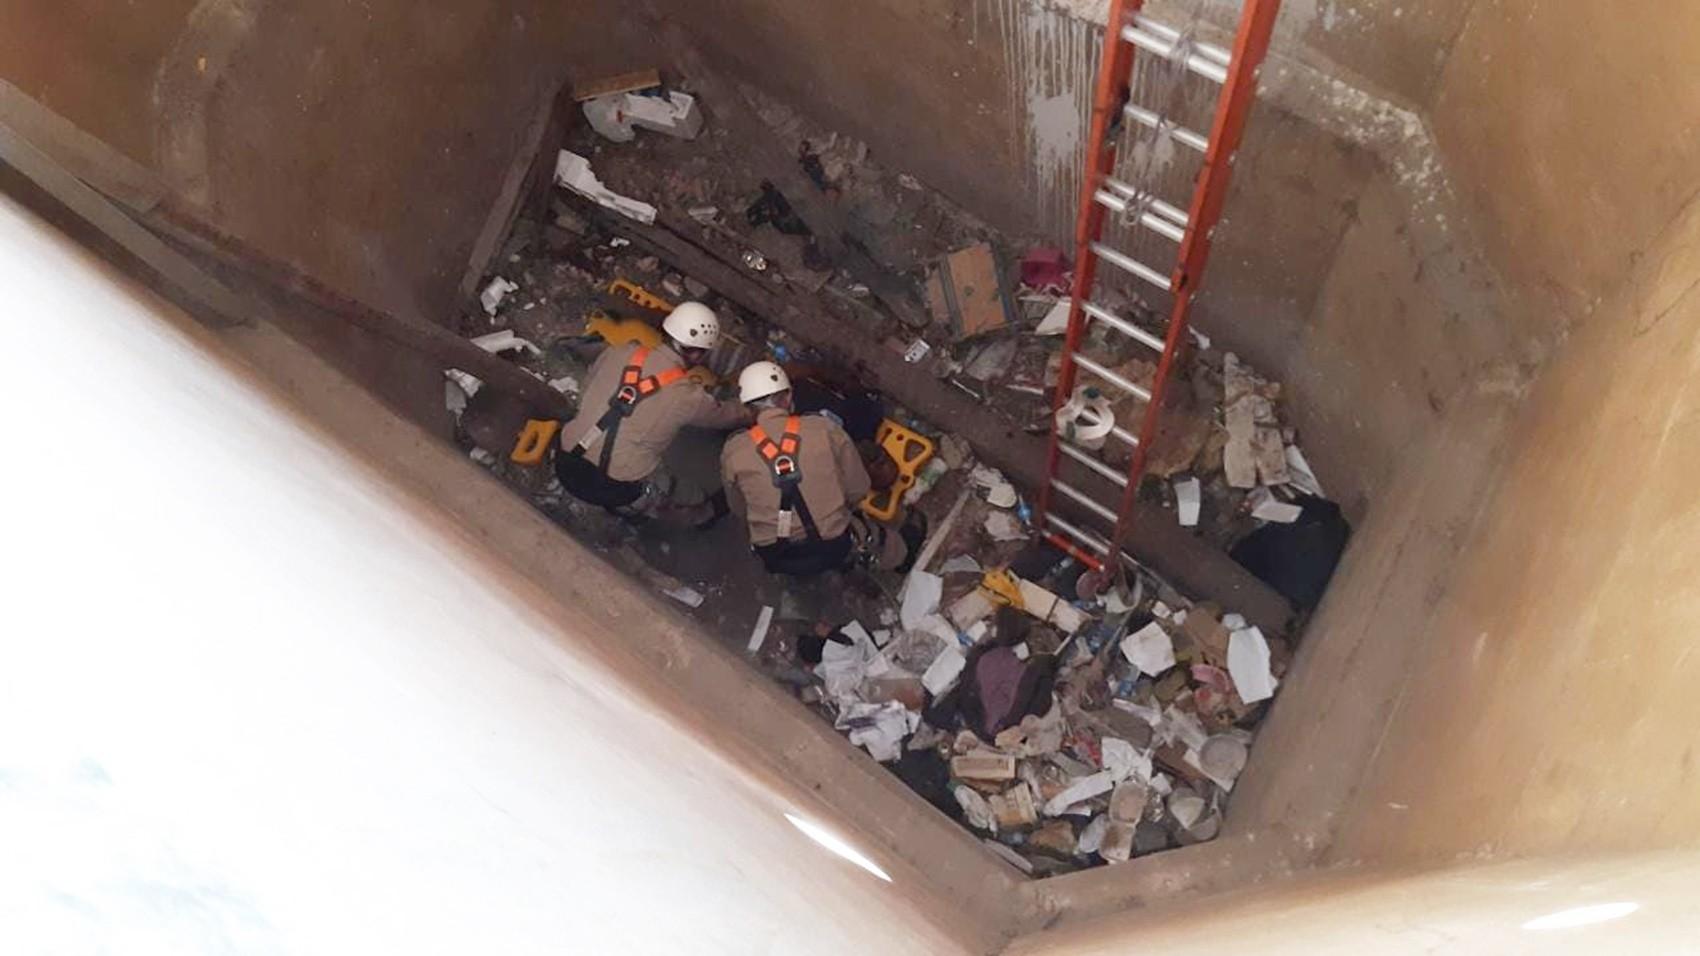 Bombeiros resgatam morador de rua jogado dentro de cisterna em Mossoró, RN - Notícias - Plantão Diário